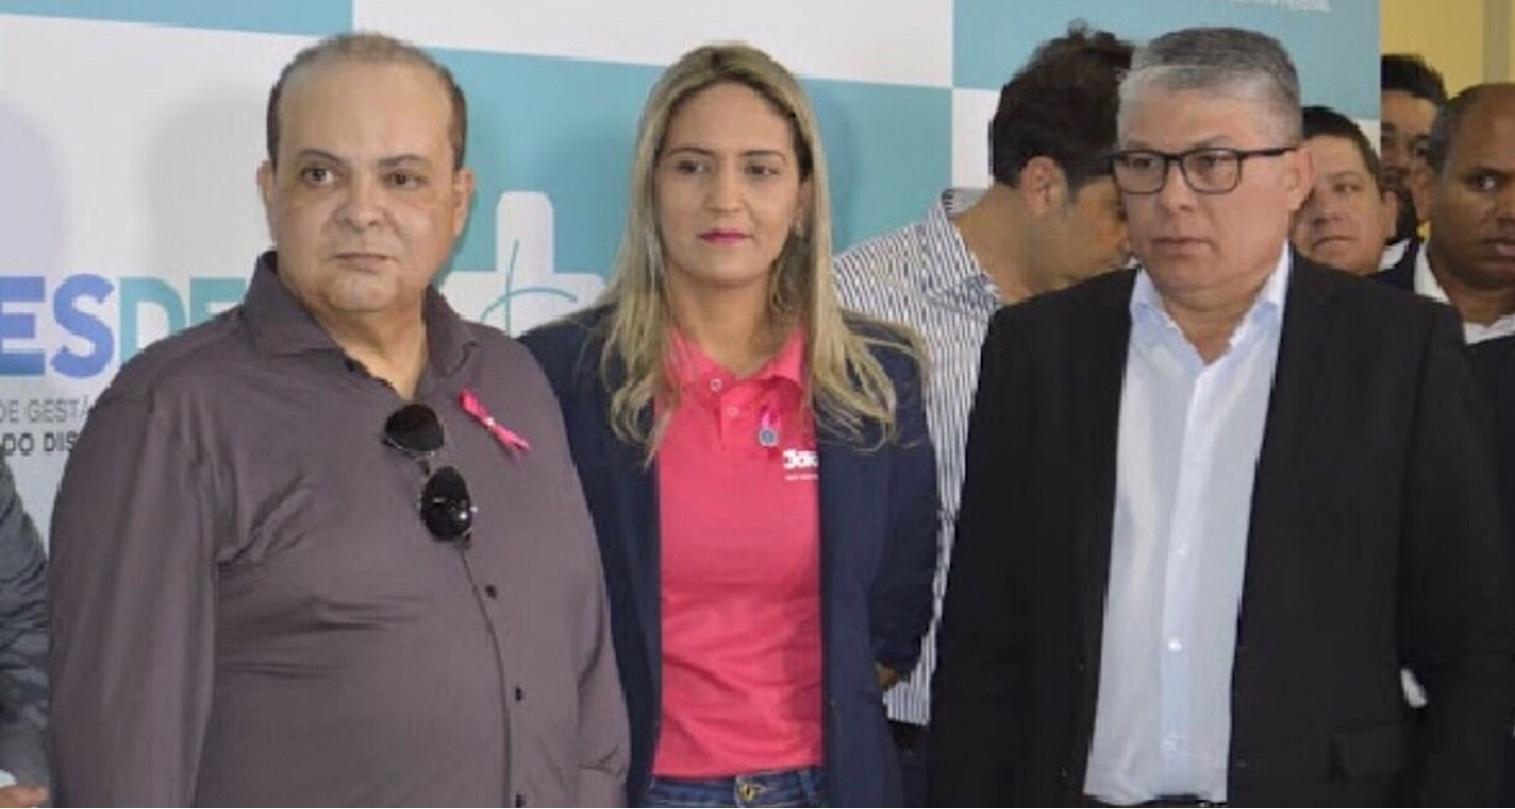 Deputada Jaqueline Silva, Operação Falso Positivo e o preço da verdade